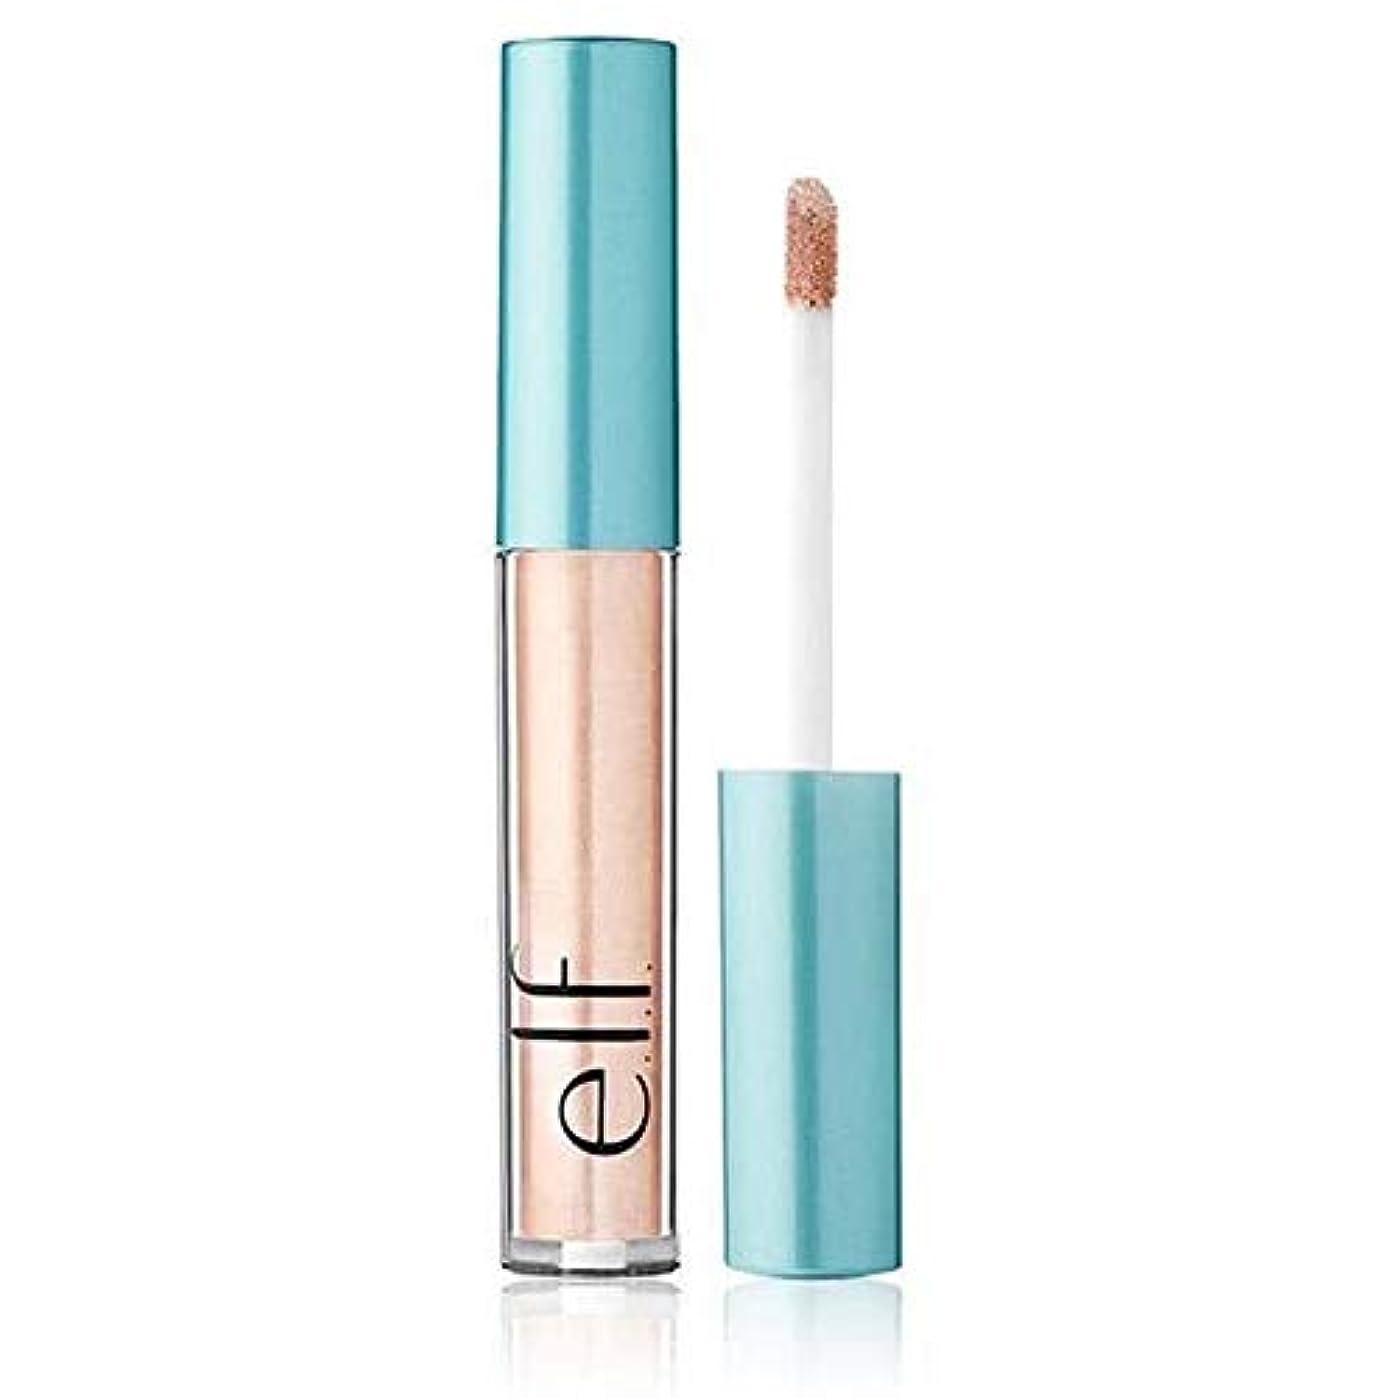 アイデア予想するどのくらいの頻度で[Elf ] エルフ。アクア美しさ - 融液シングルアイシャドウ銅 - e.l.f. Aqua Beauty - Molten Liquid Single Eyeshadow Copper [並行輸入品]